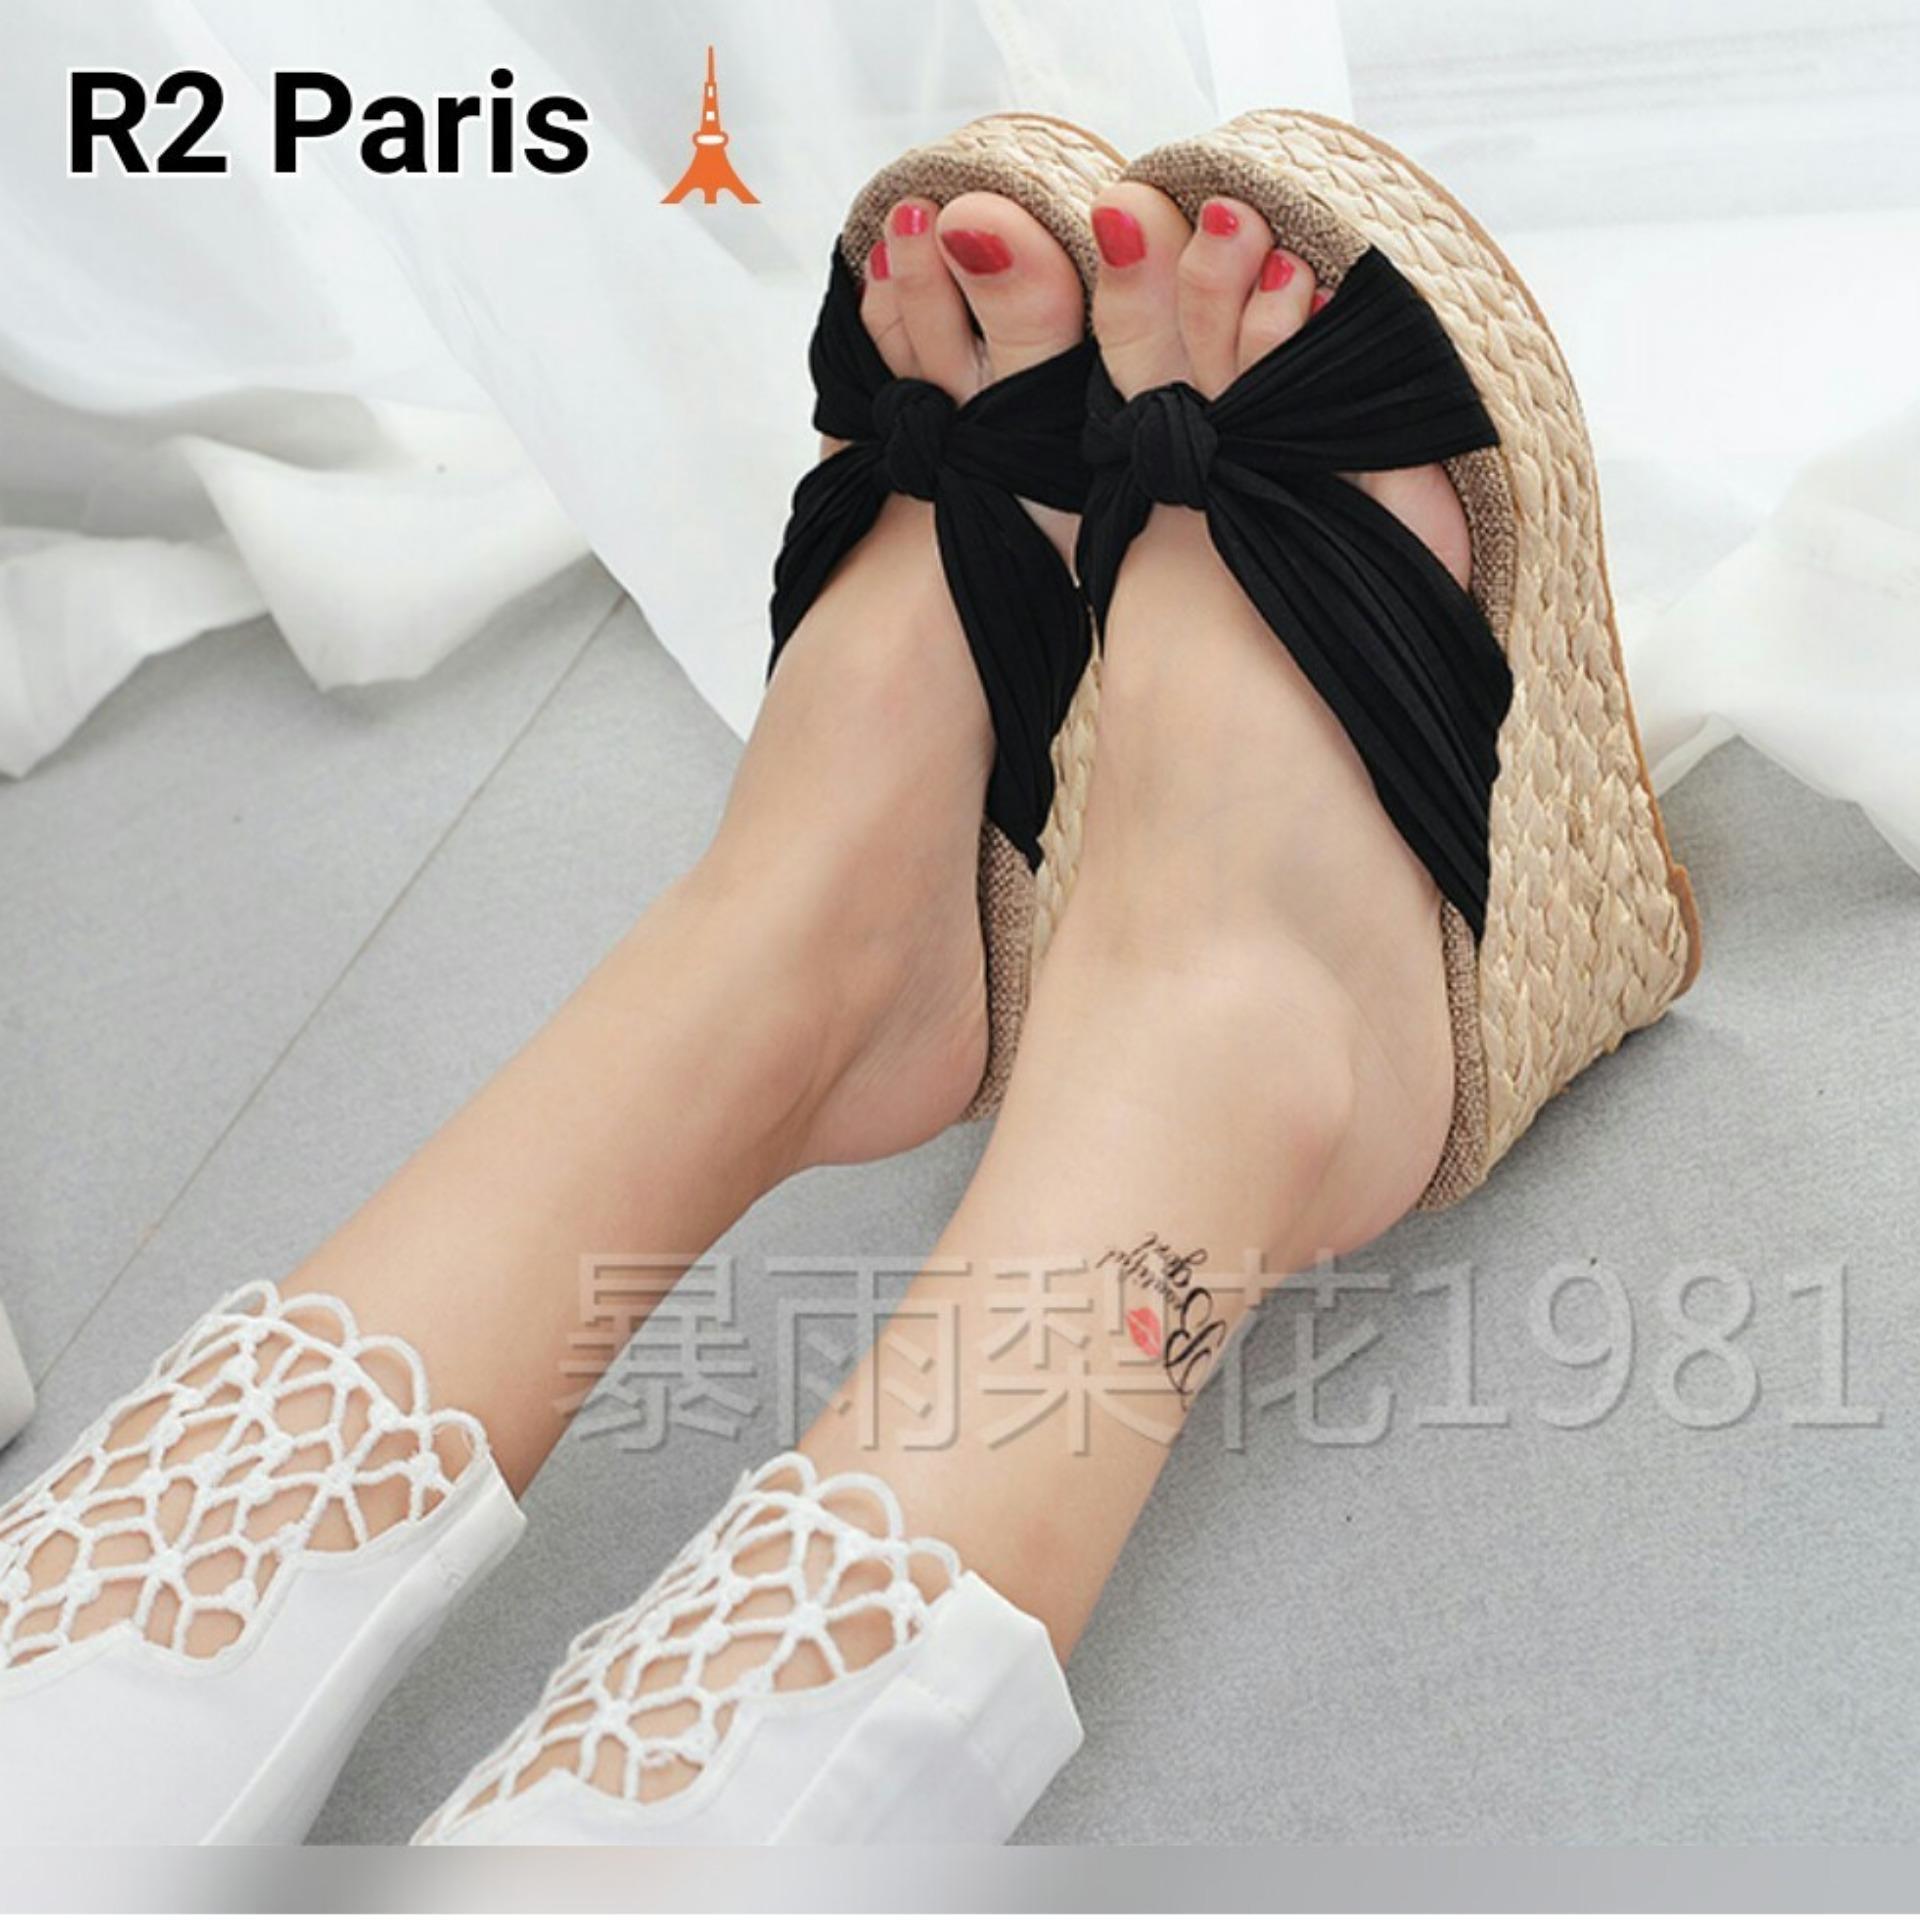 R2 Paris Sepatu Wedges Straps Plesi Pink - Daftar Harga Terbaru dan ... 94a697f57a